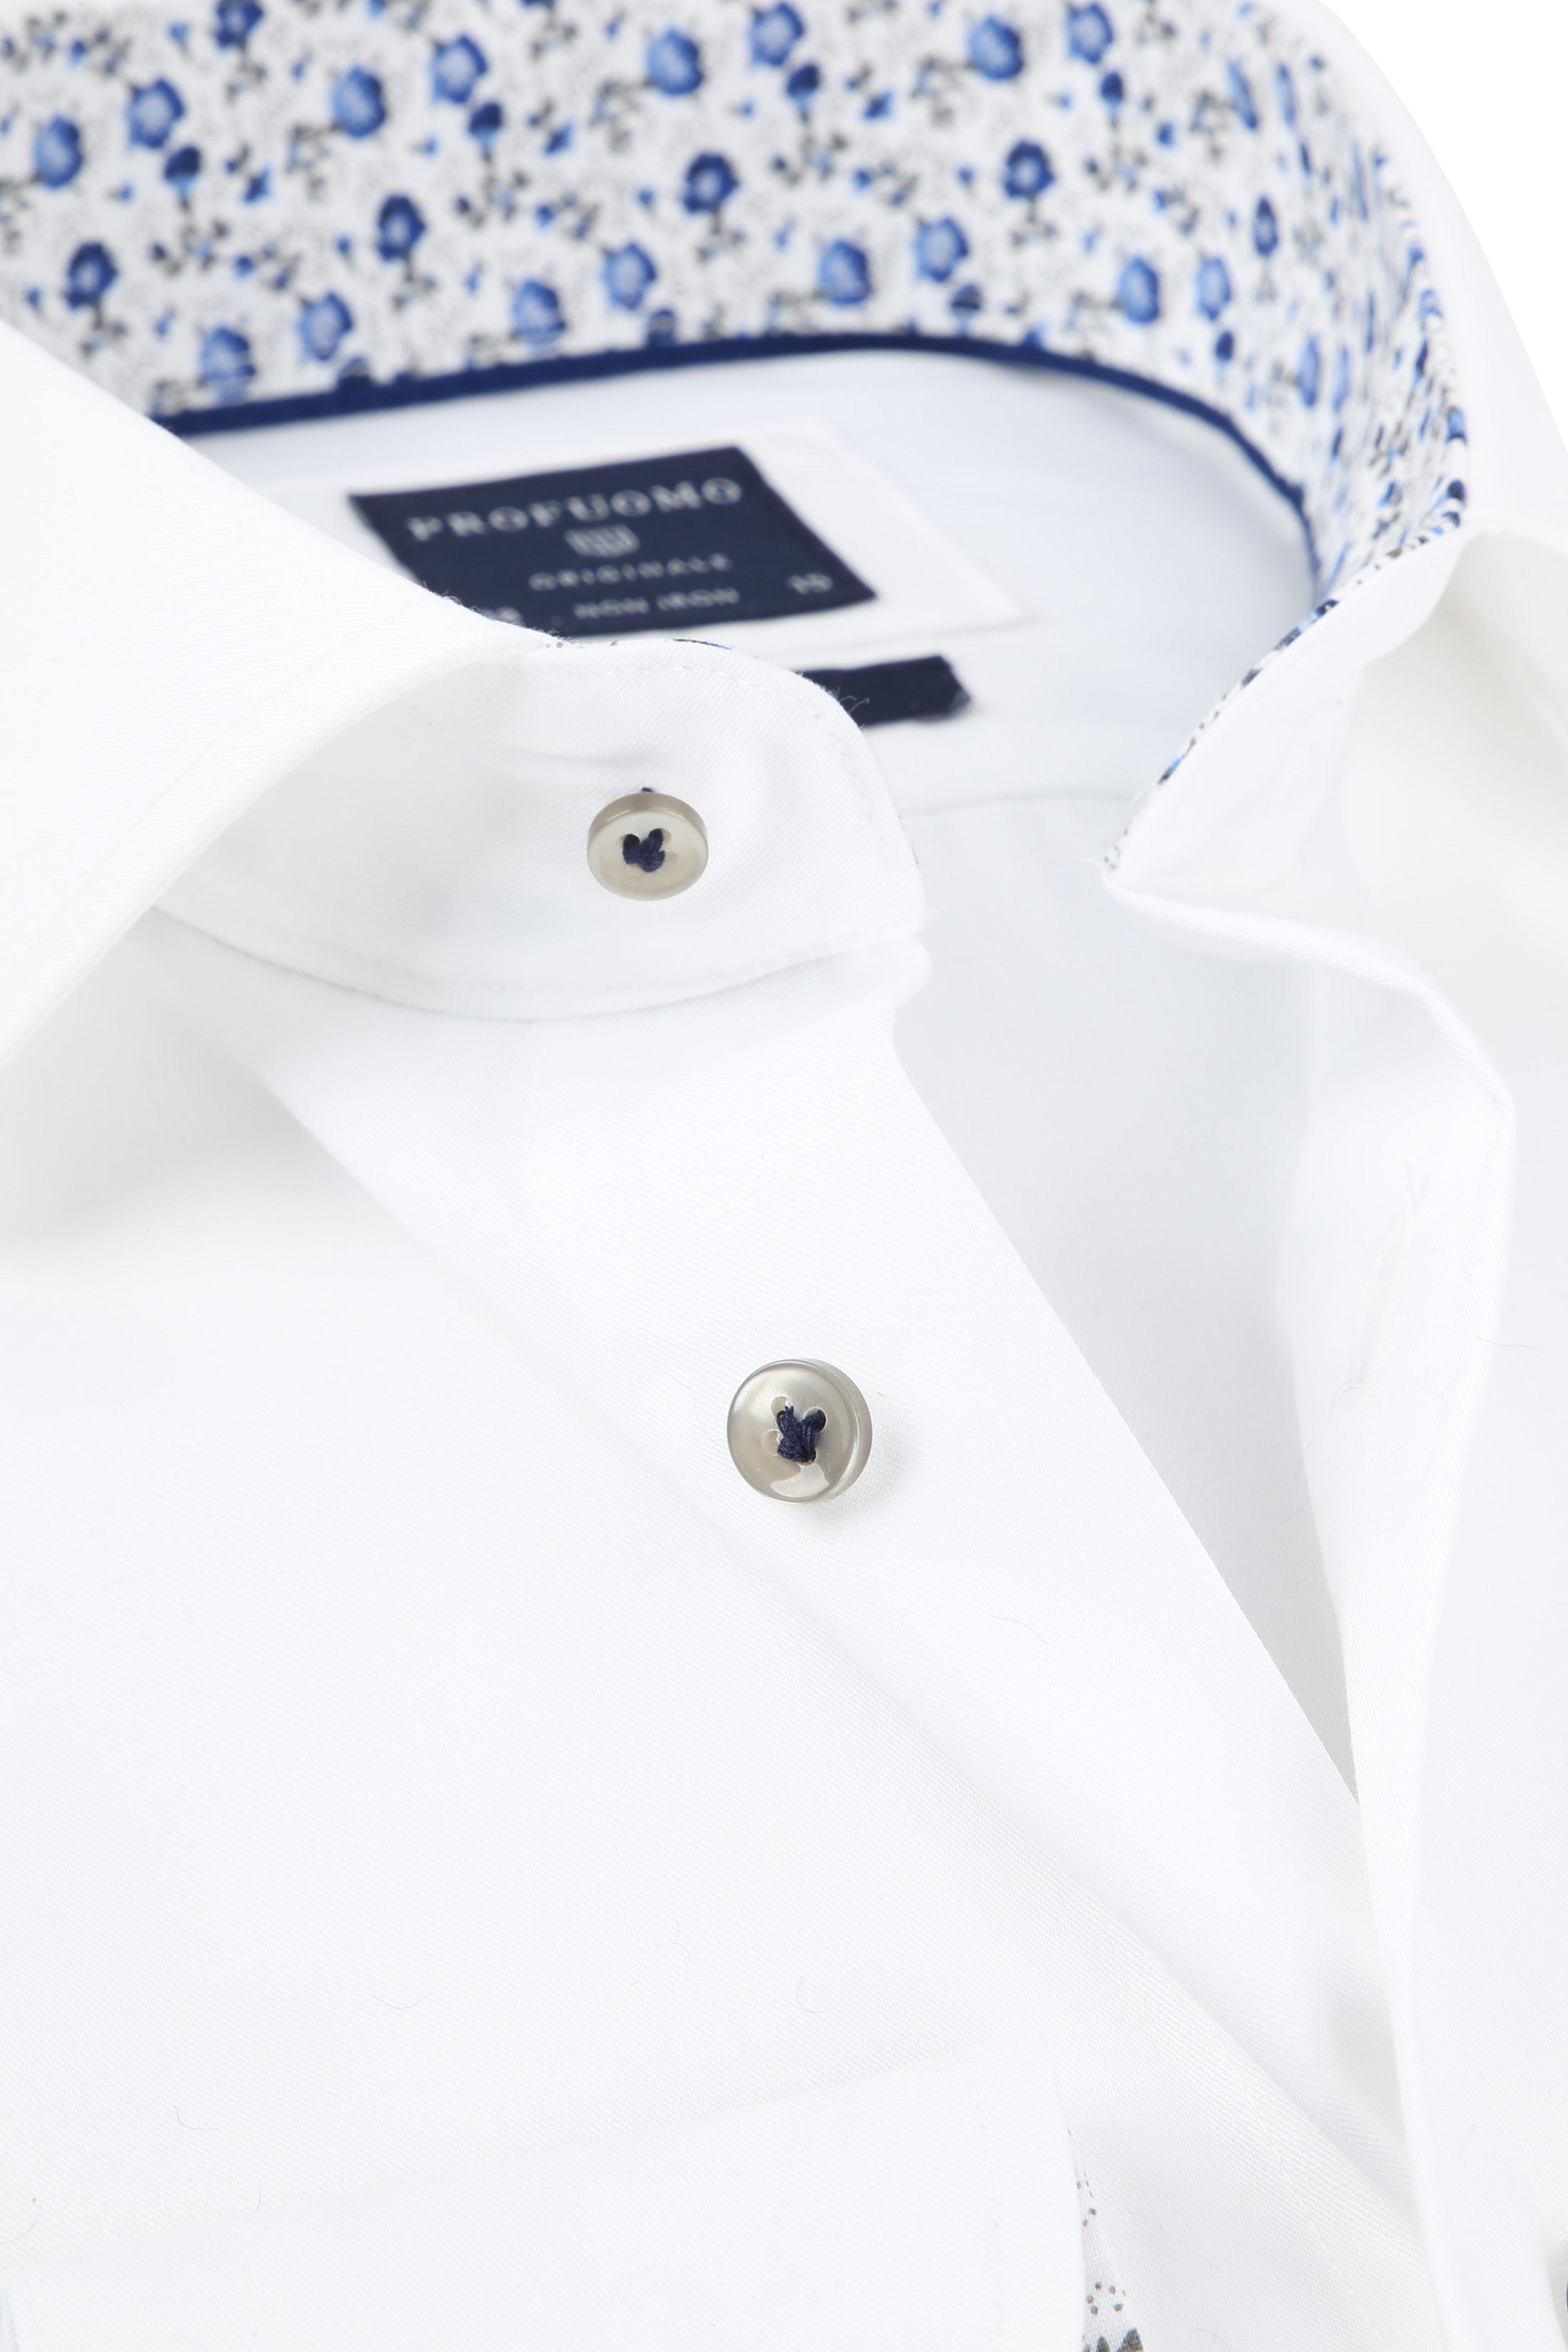 Profuomo Overhemd CAW White SF foto 1